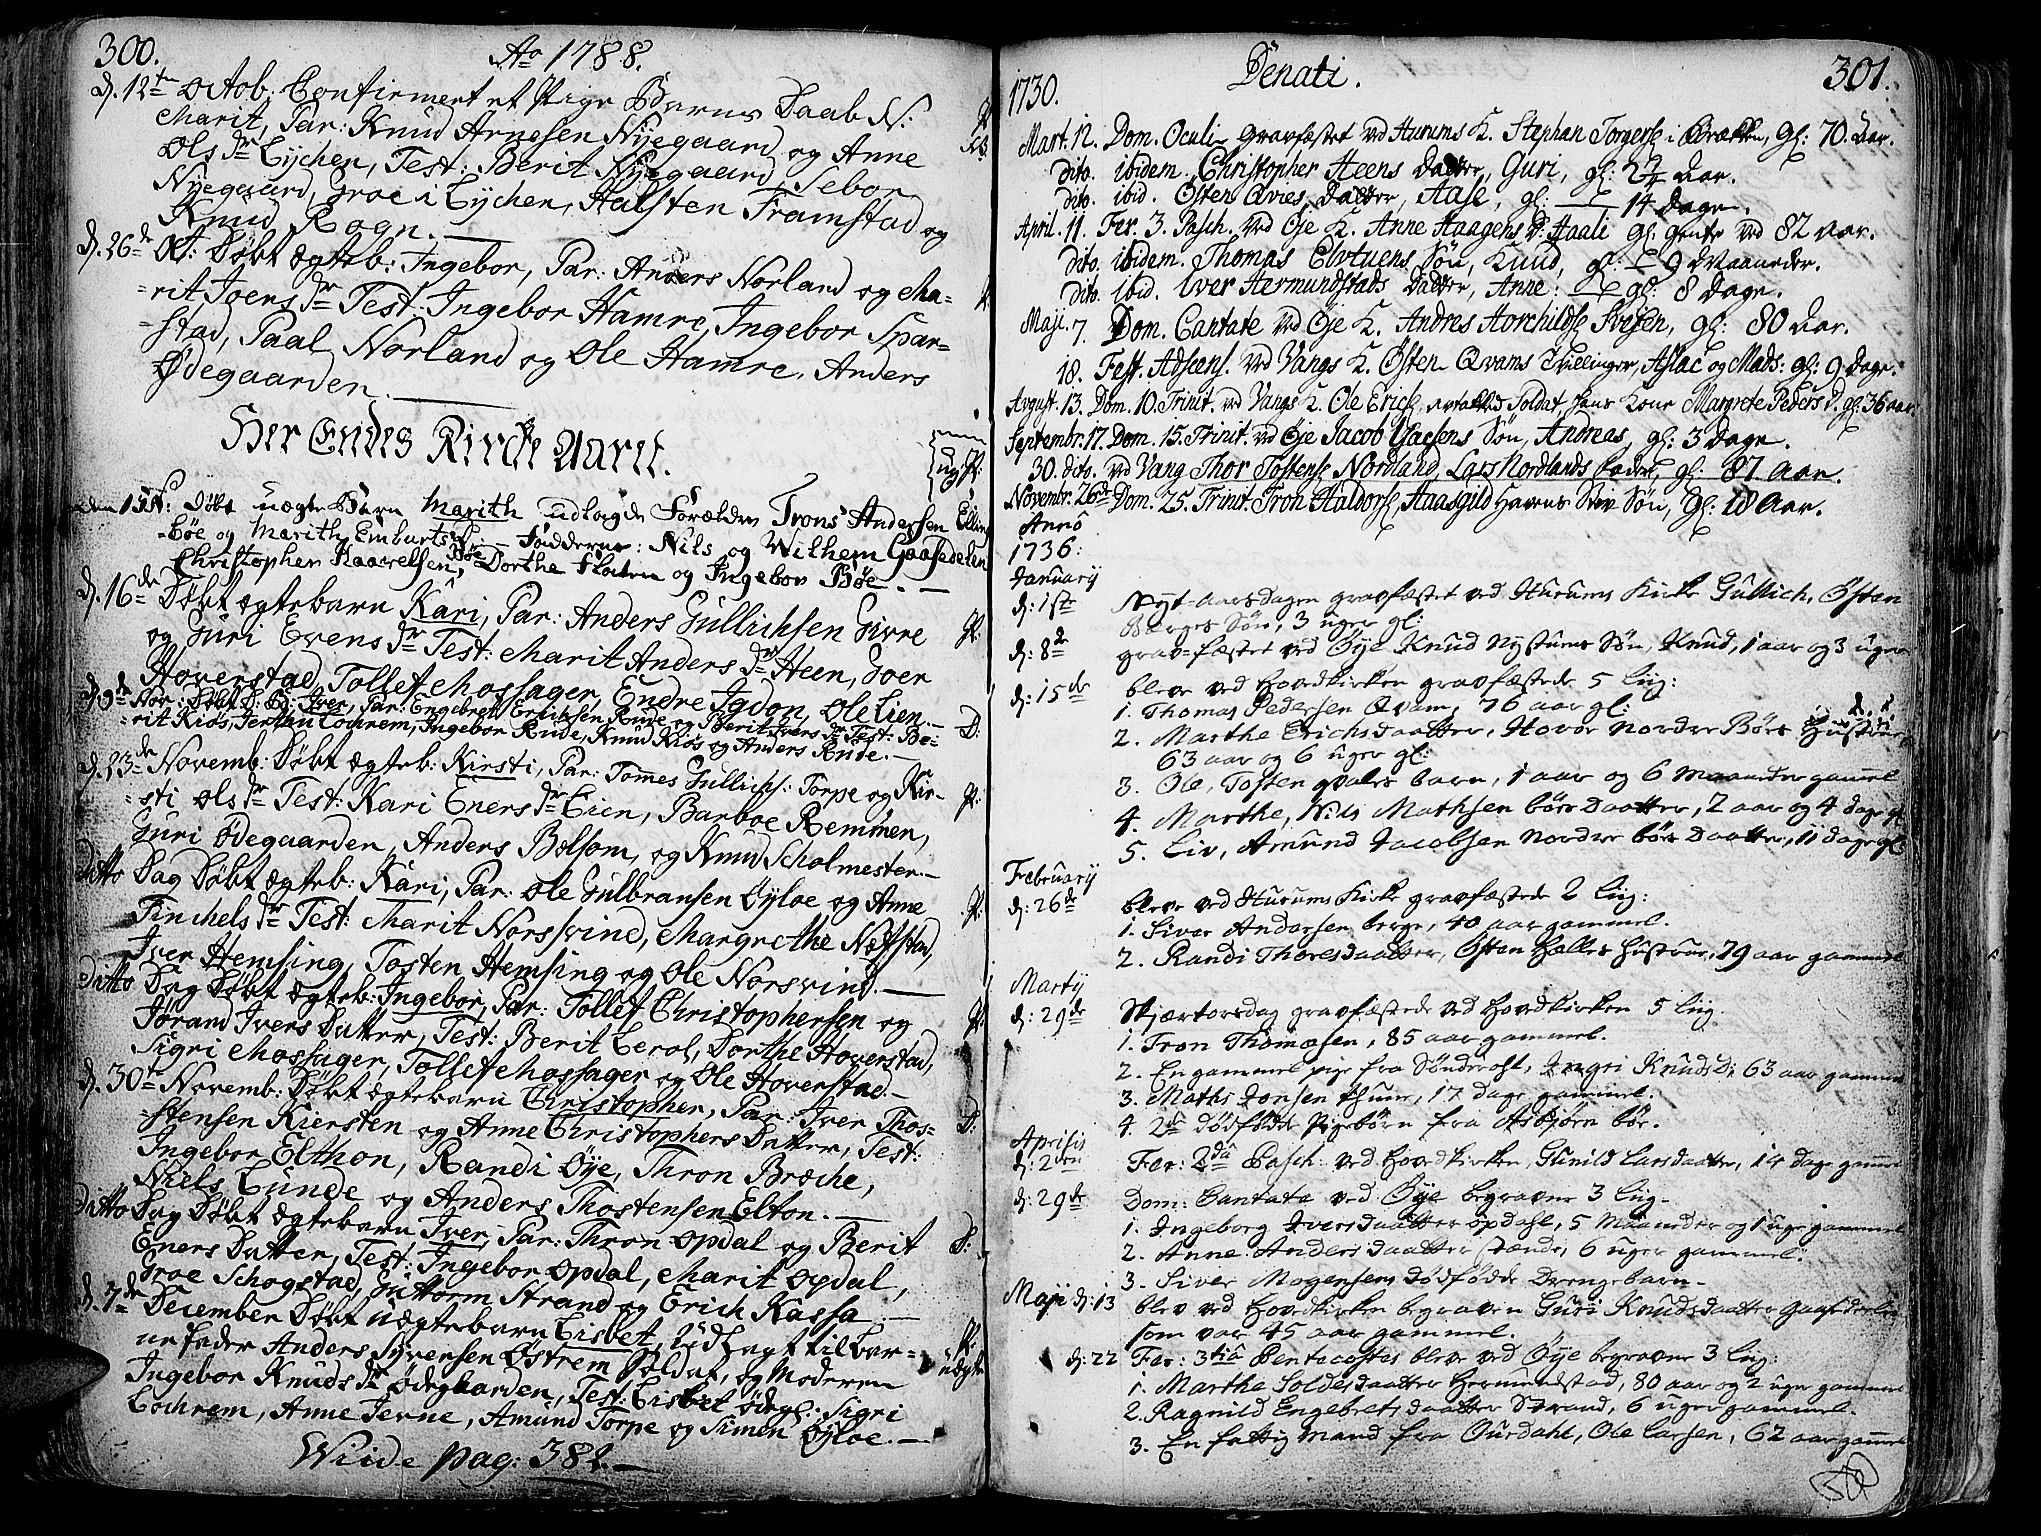 SAH, Vang prestekontor, Valdres, Ministerialbok nr. 1, 1730-1796, s. 300-301